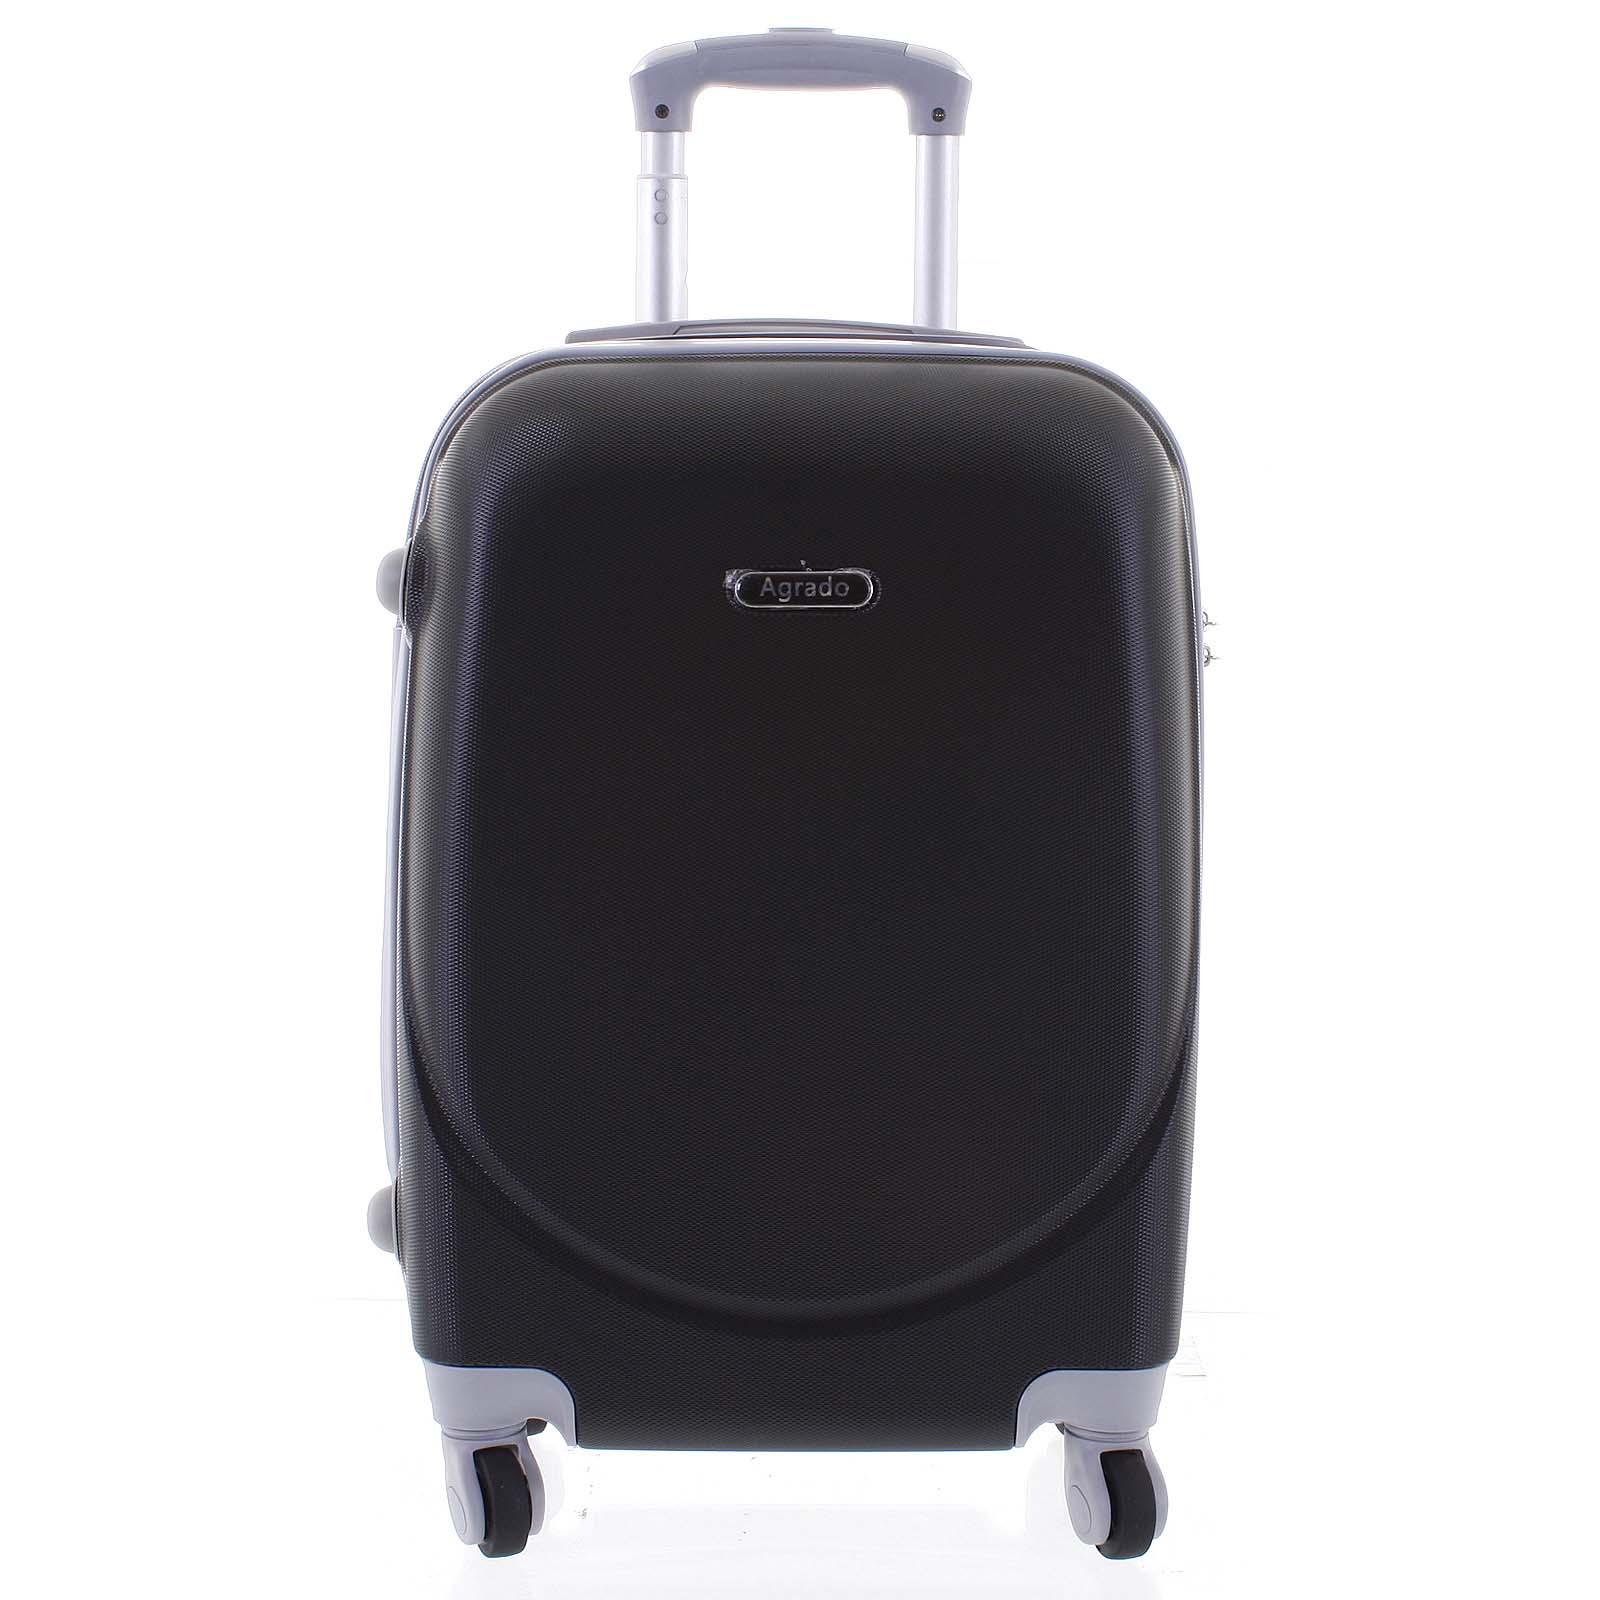 Kvalitný a elegantný pevný čierny cestovný kufor - Agrado Peter M